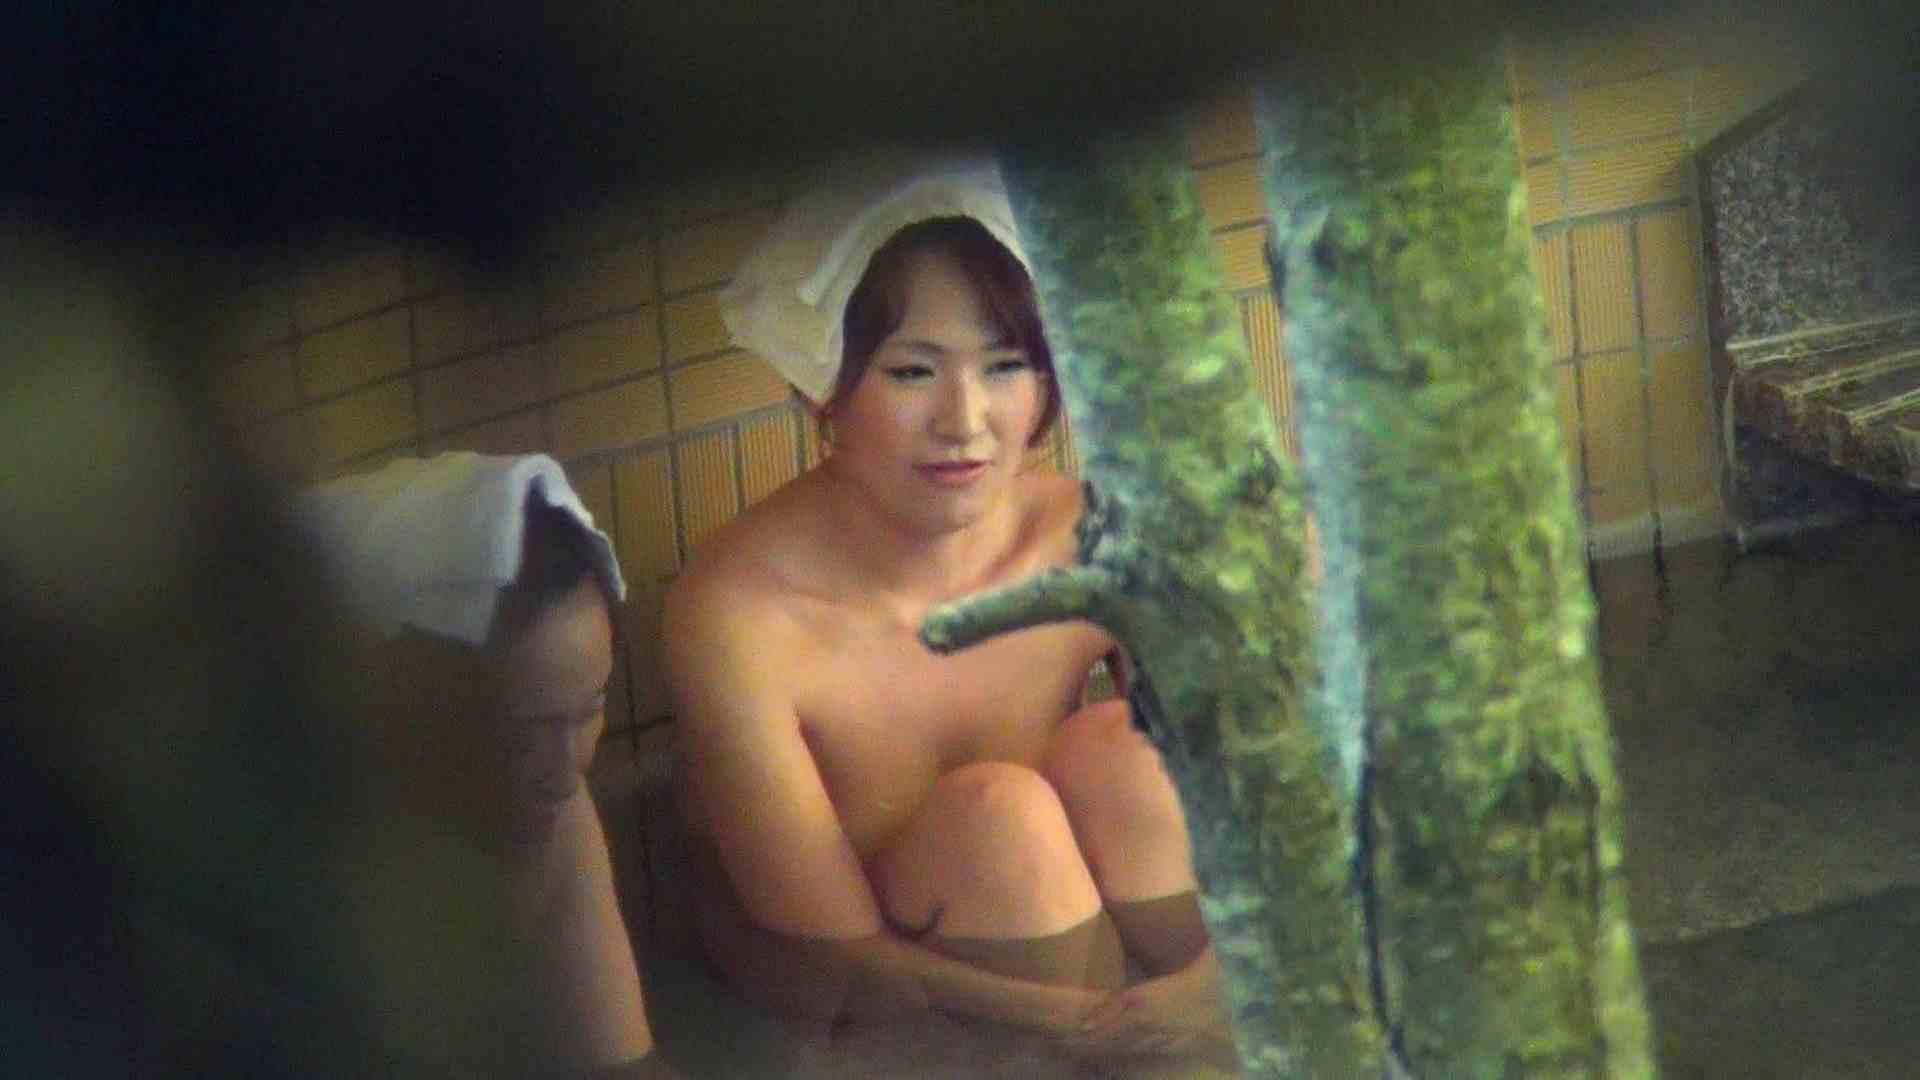 Aquaな露天風呂Vol.272 露天 | OLエロ画像  99PICs 13